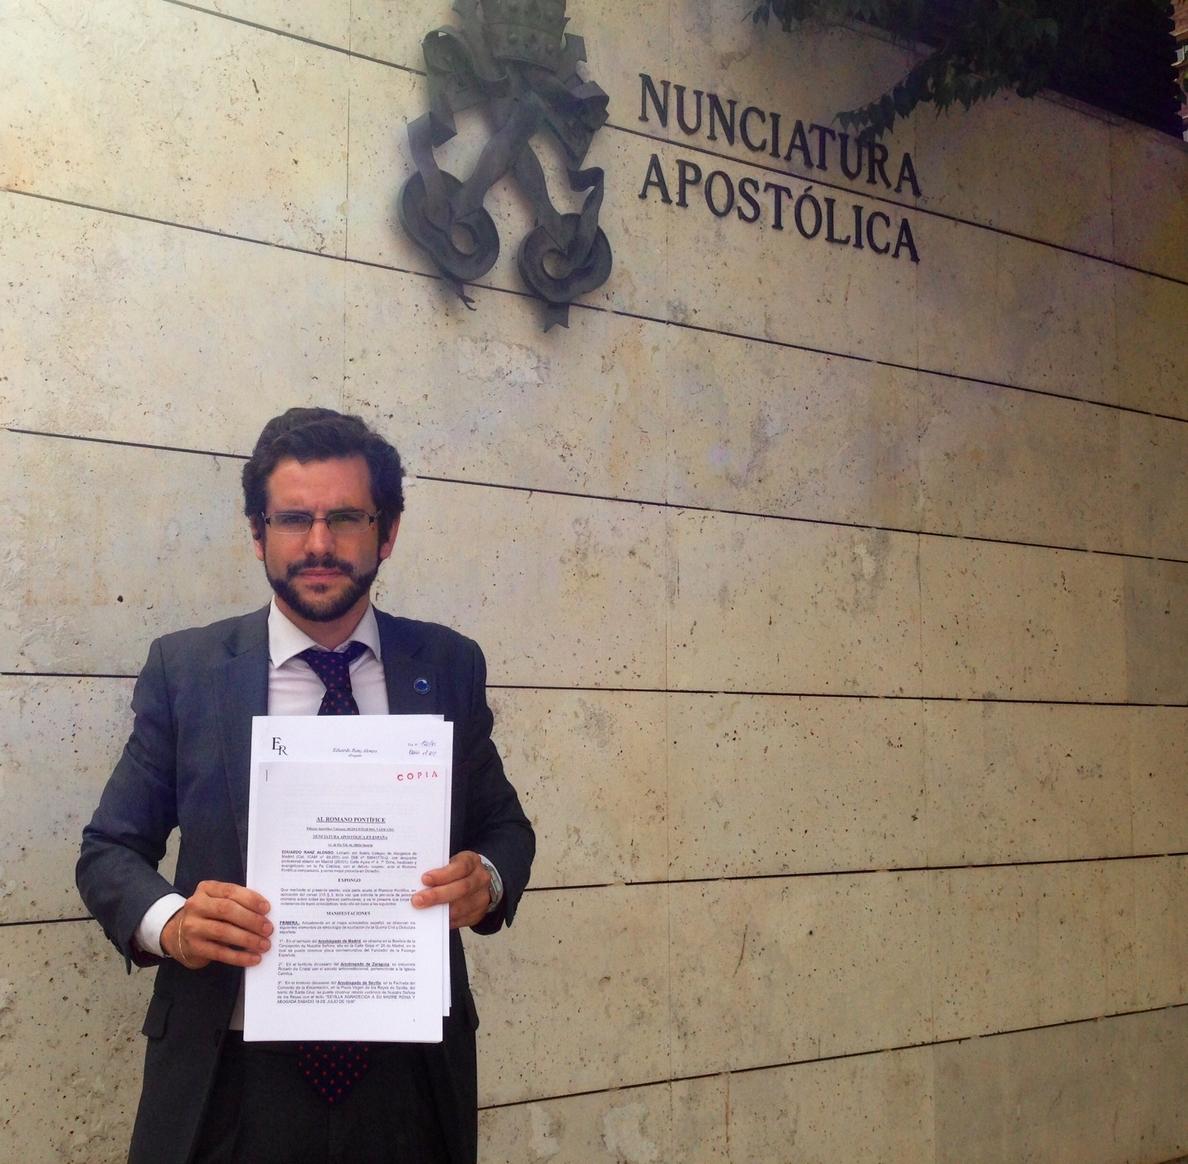 Un abogado pide al Vaticano retirar simbología franquista en la Iglesia y sacar los cuerpos de Franco y Primo de Rivera